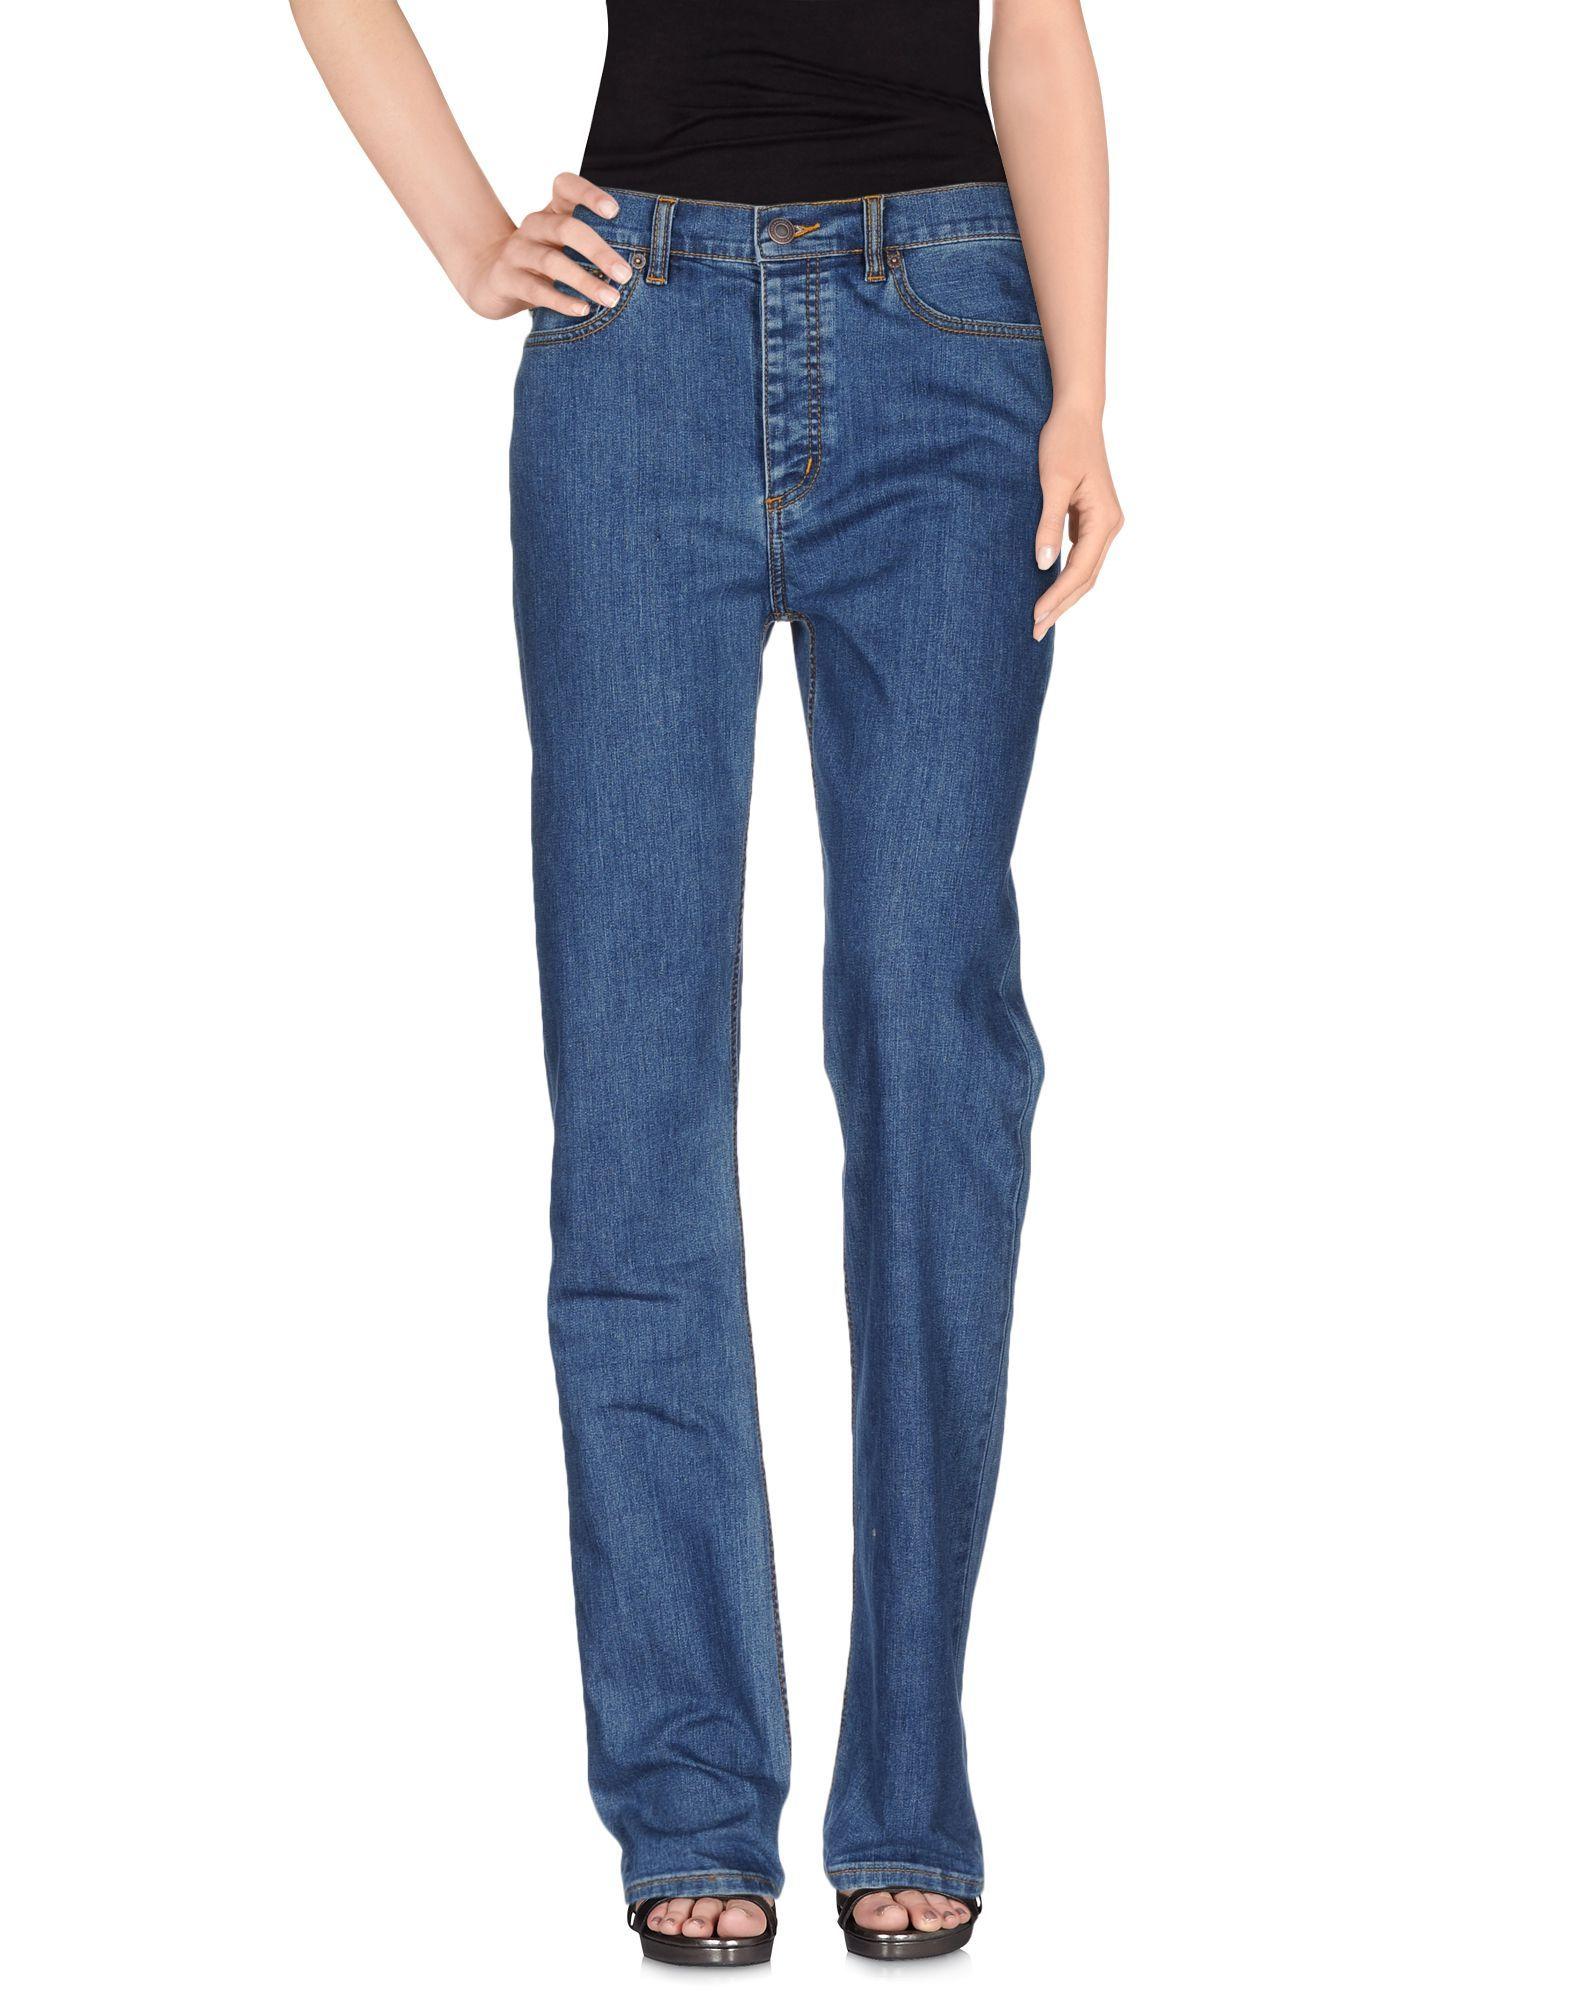 DENIM Woman Marc Jacobs Blue Cotton